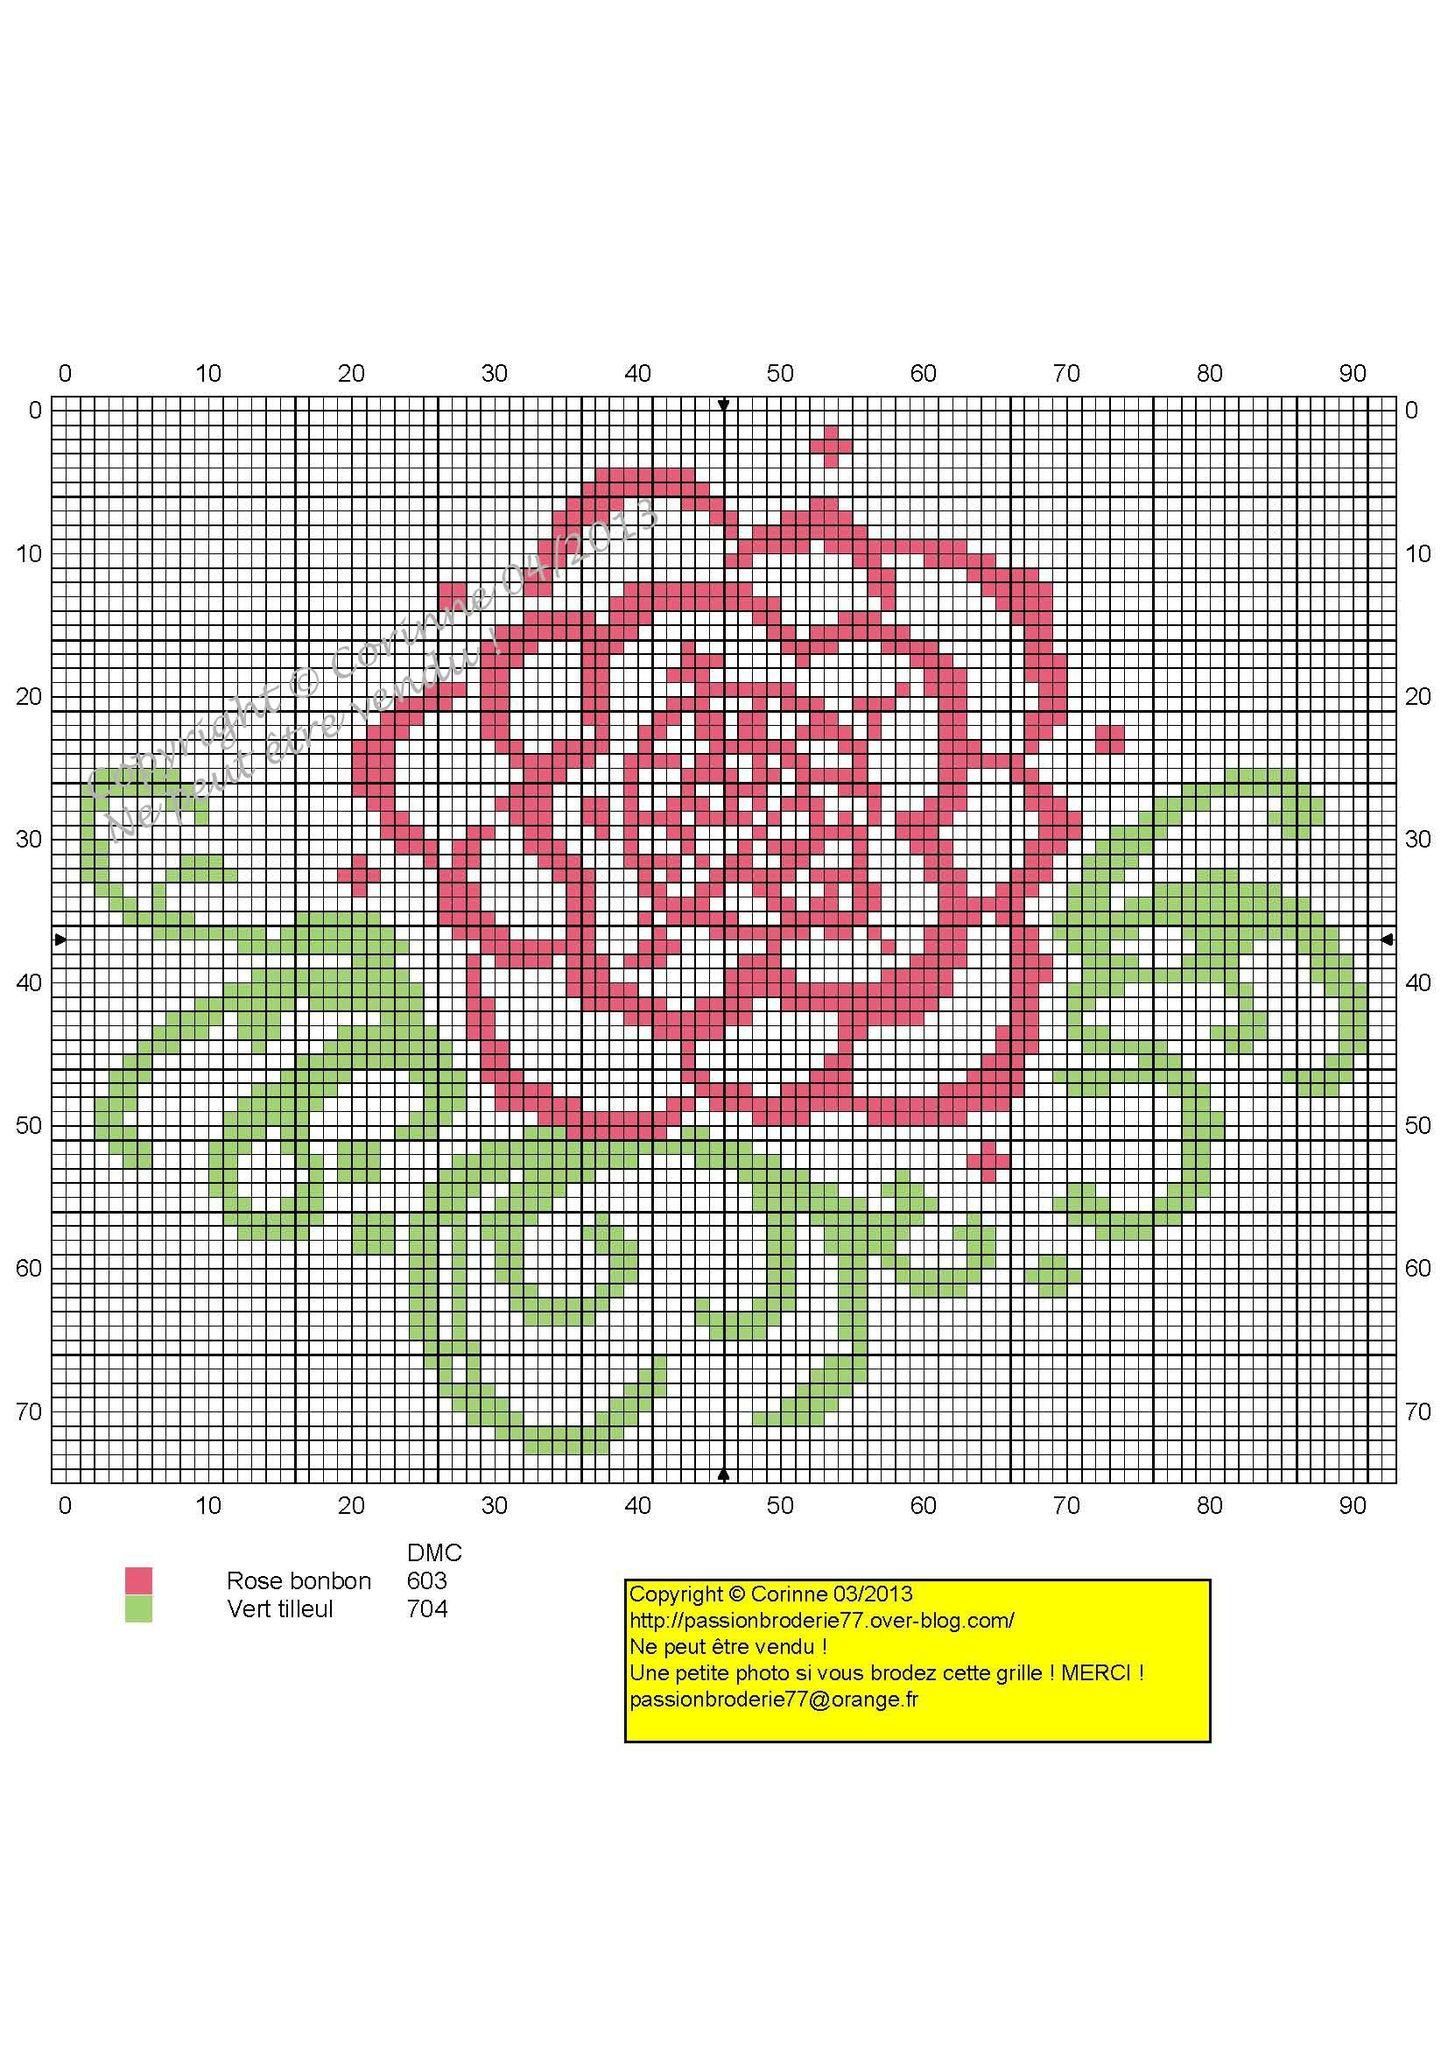 Fleur rose et verte copie